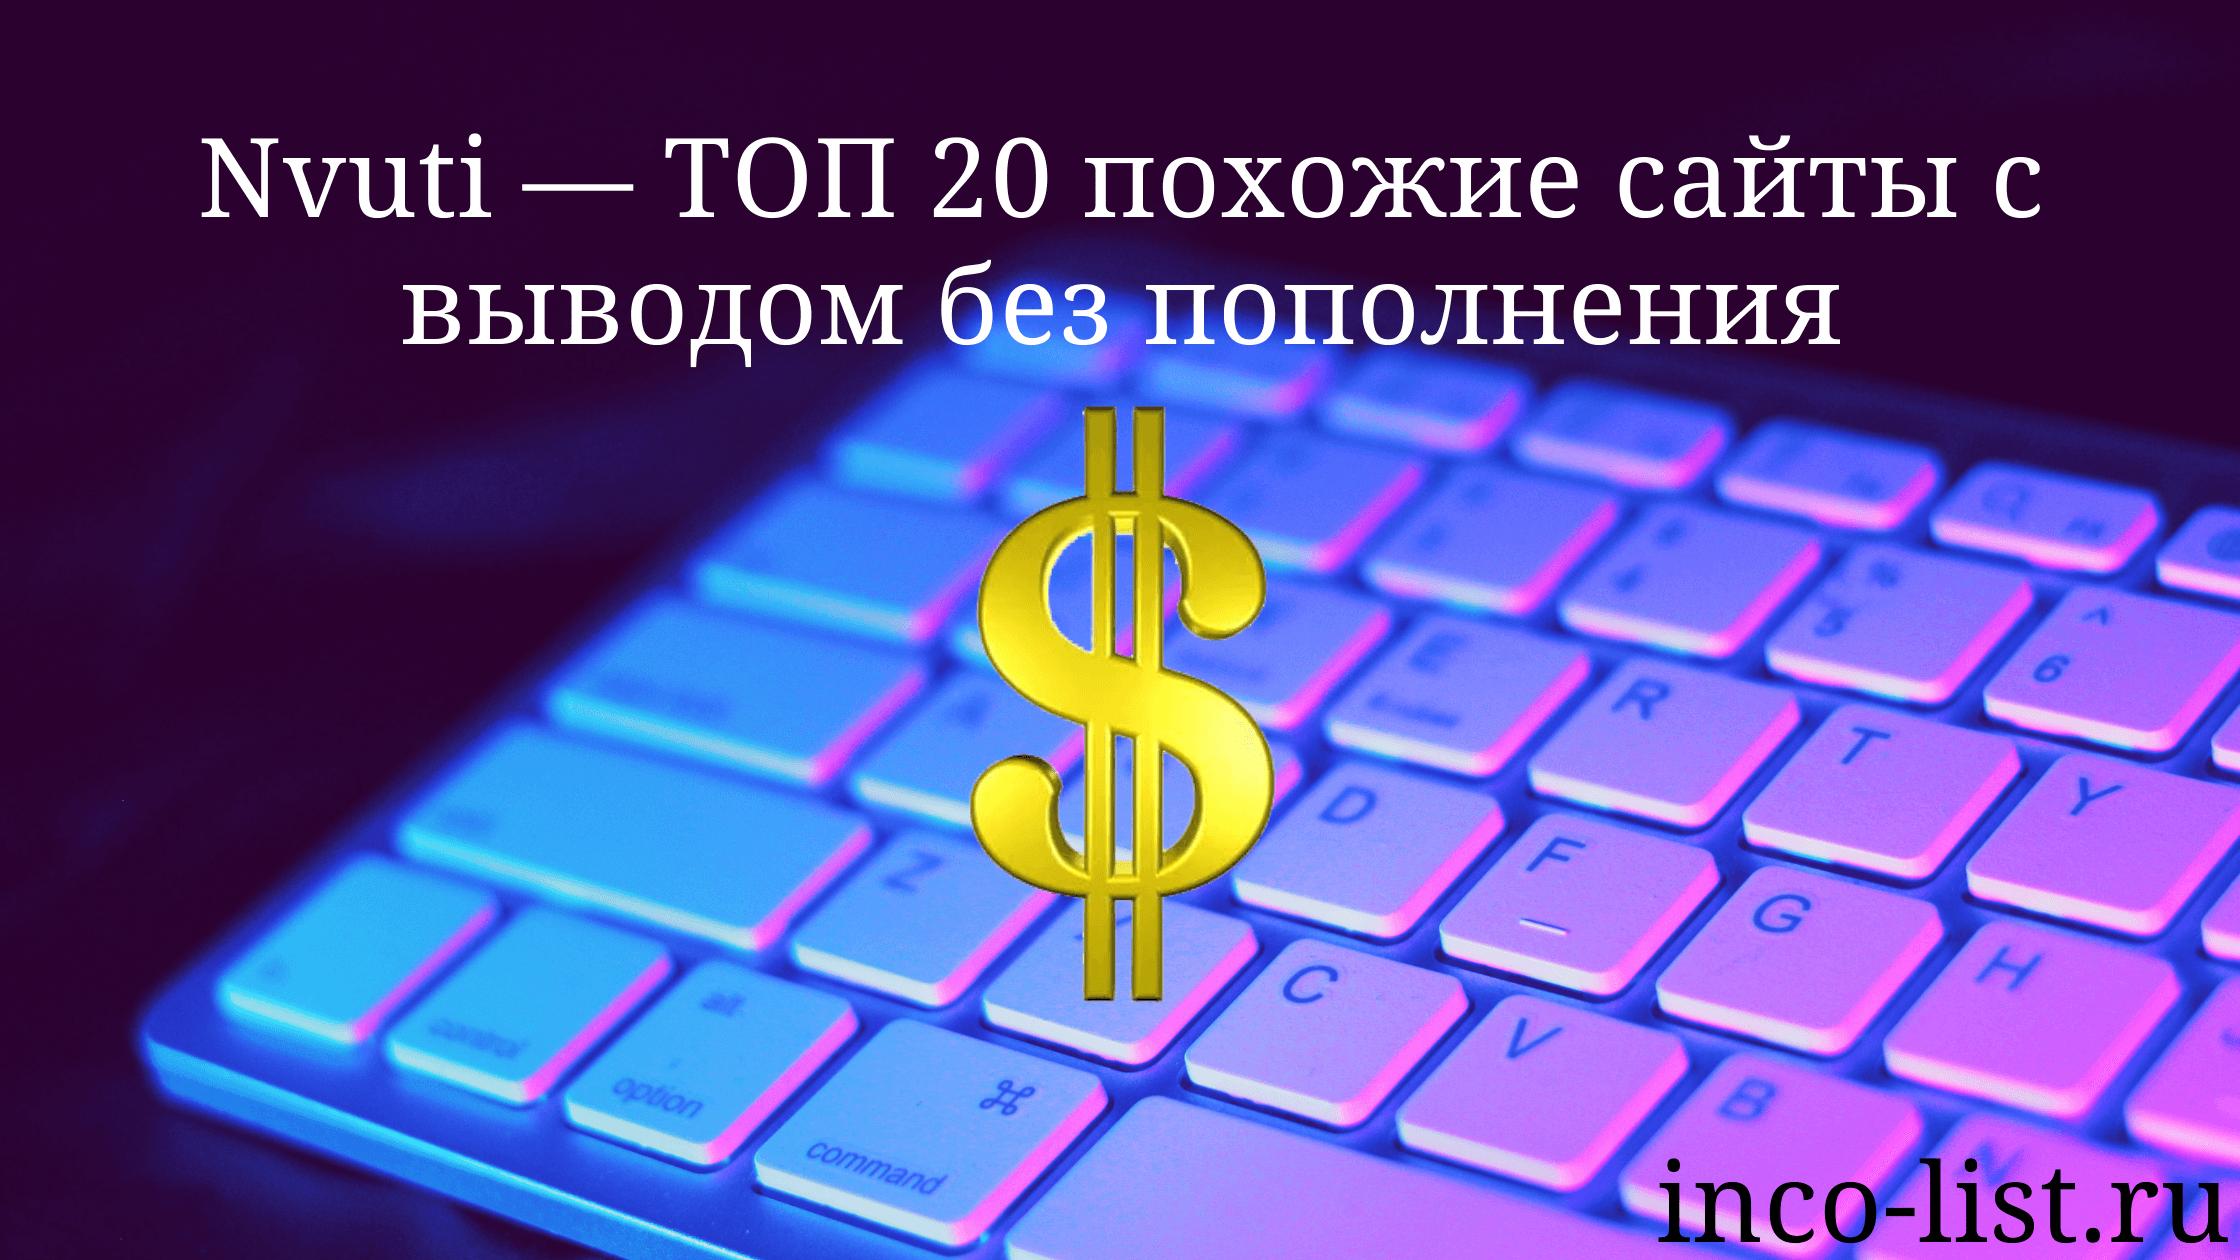 Nvuti — ТОП 20 похожие сайты с выводом без пополнения